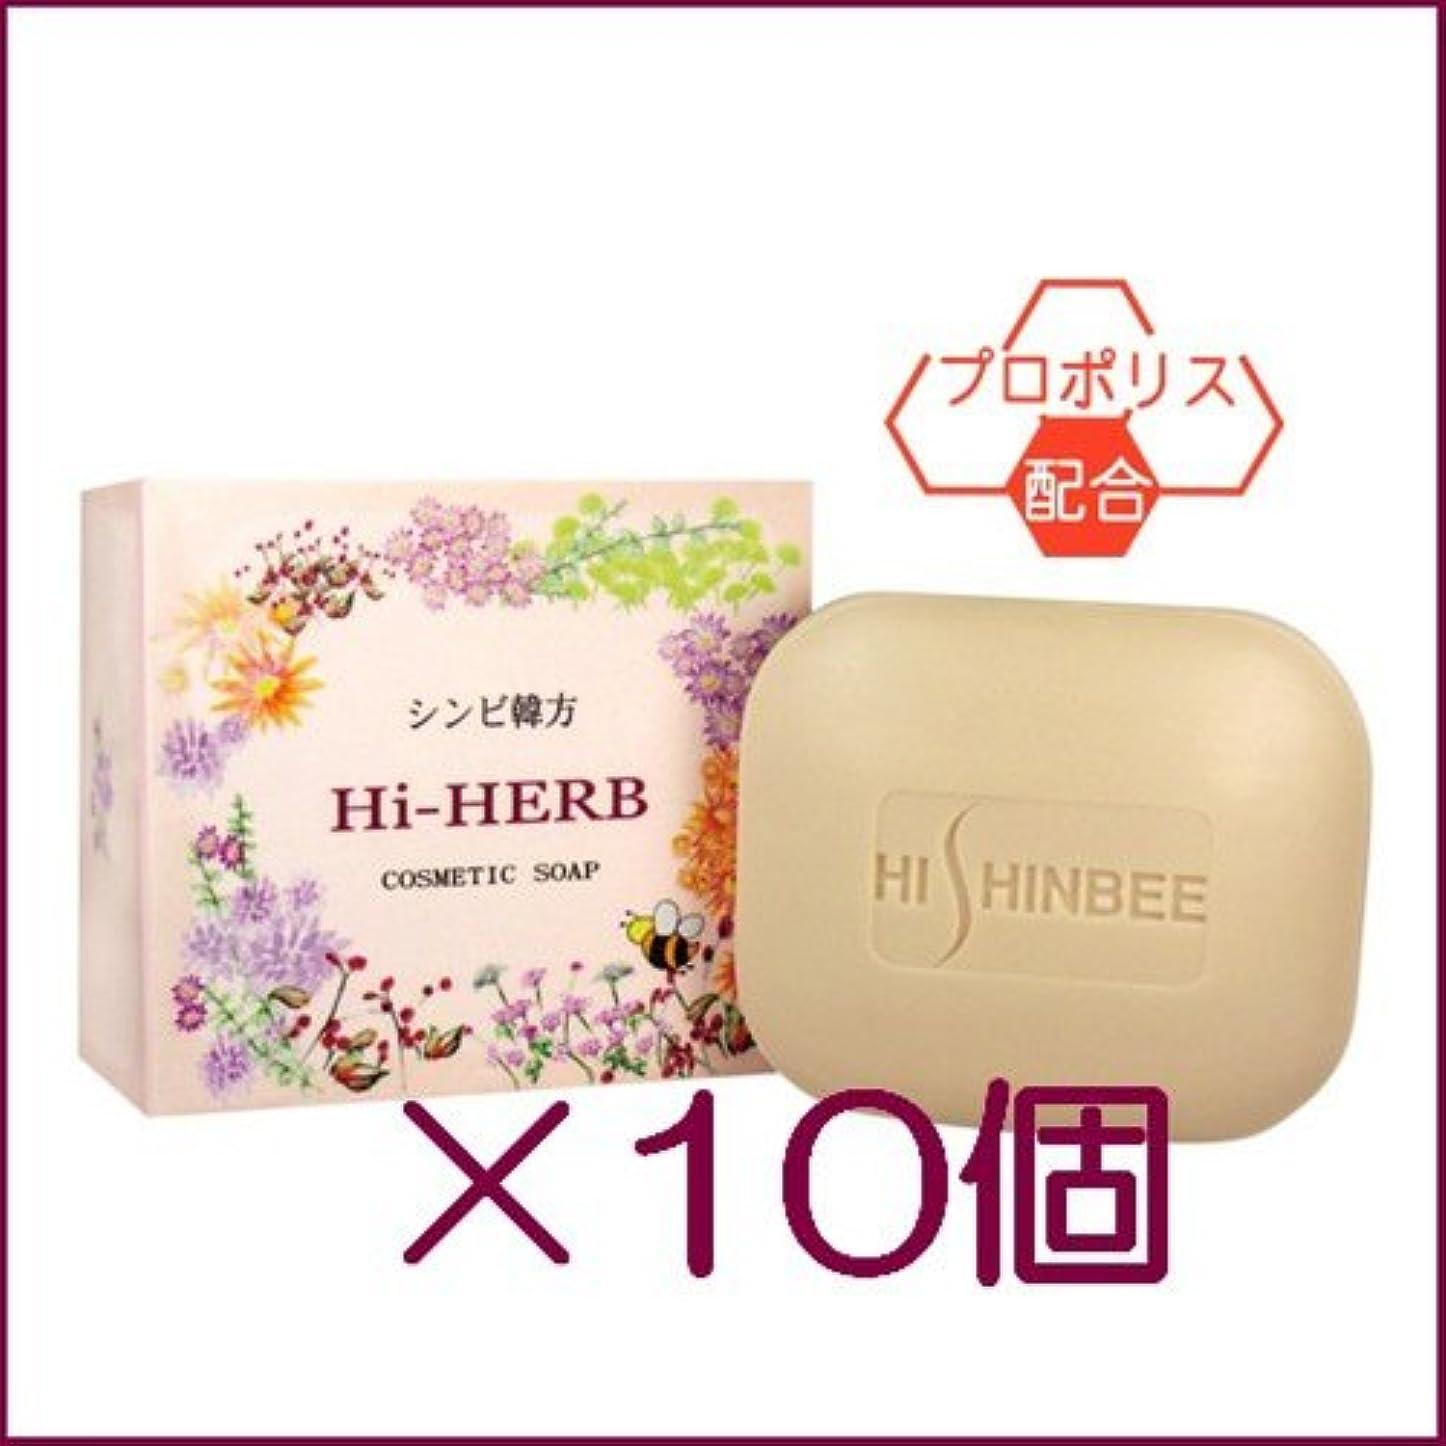 勧告磁気歩き回るシンビ 韓方ハイハーブ石鹸 100g ×10個